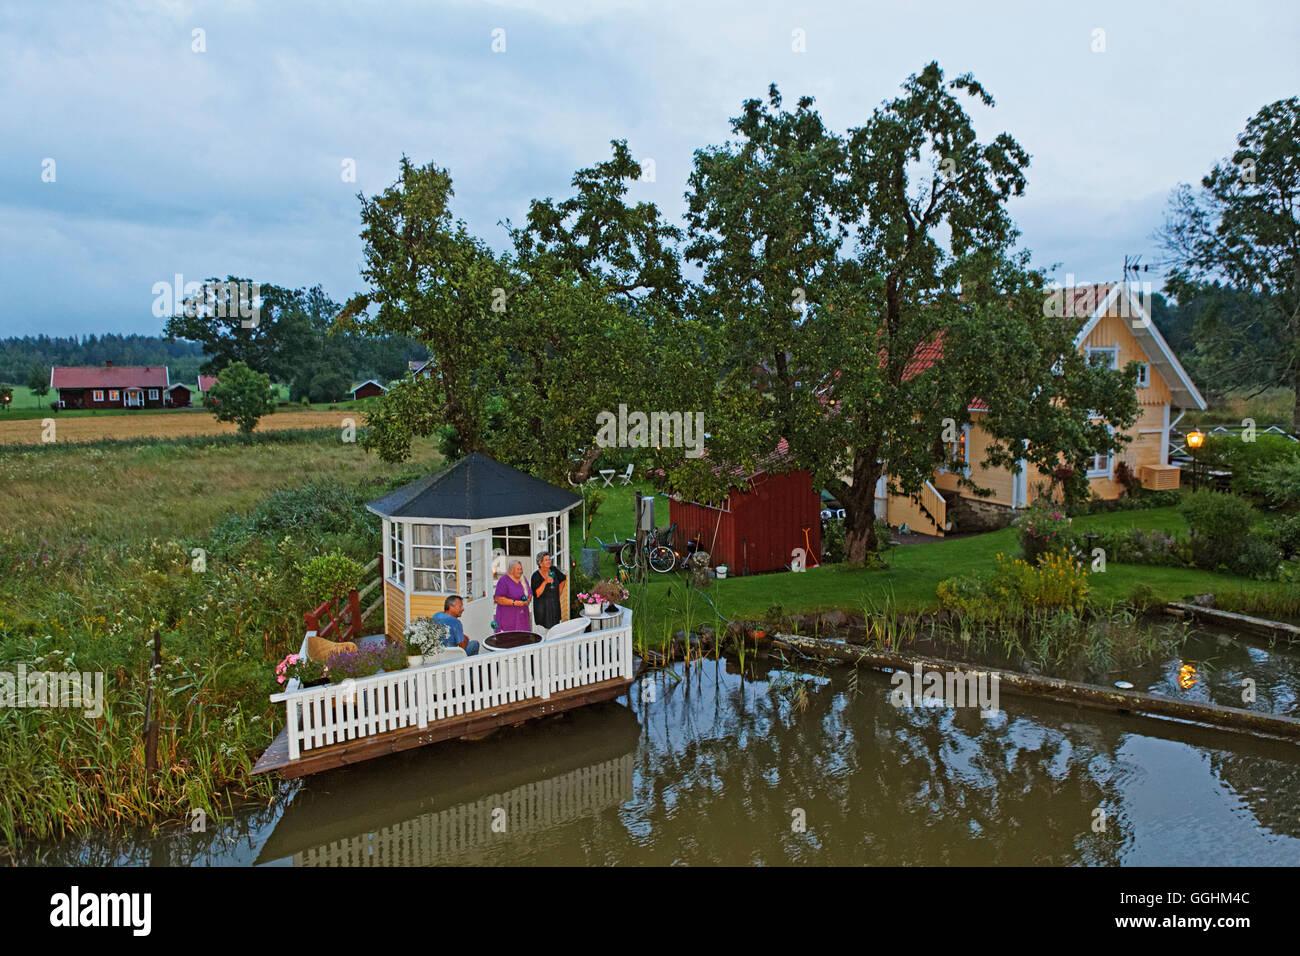 Terrasse für eine perfekte Sundowner, Göta Kanal, Sjoetorp, Schweden Stockbild